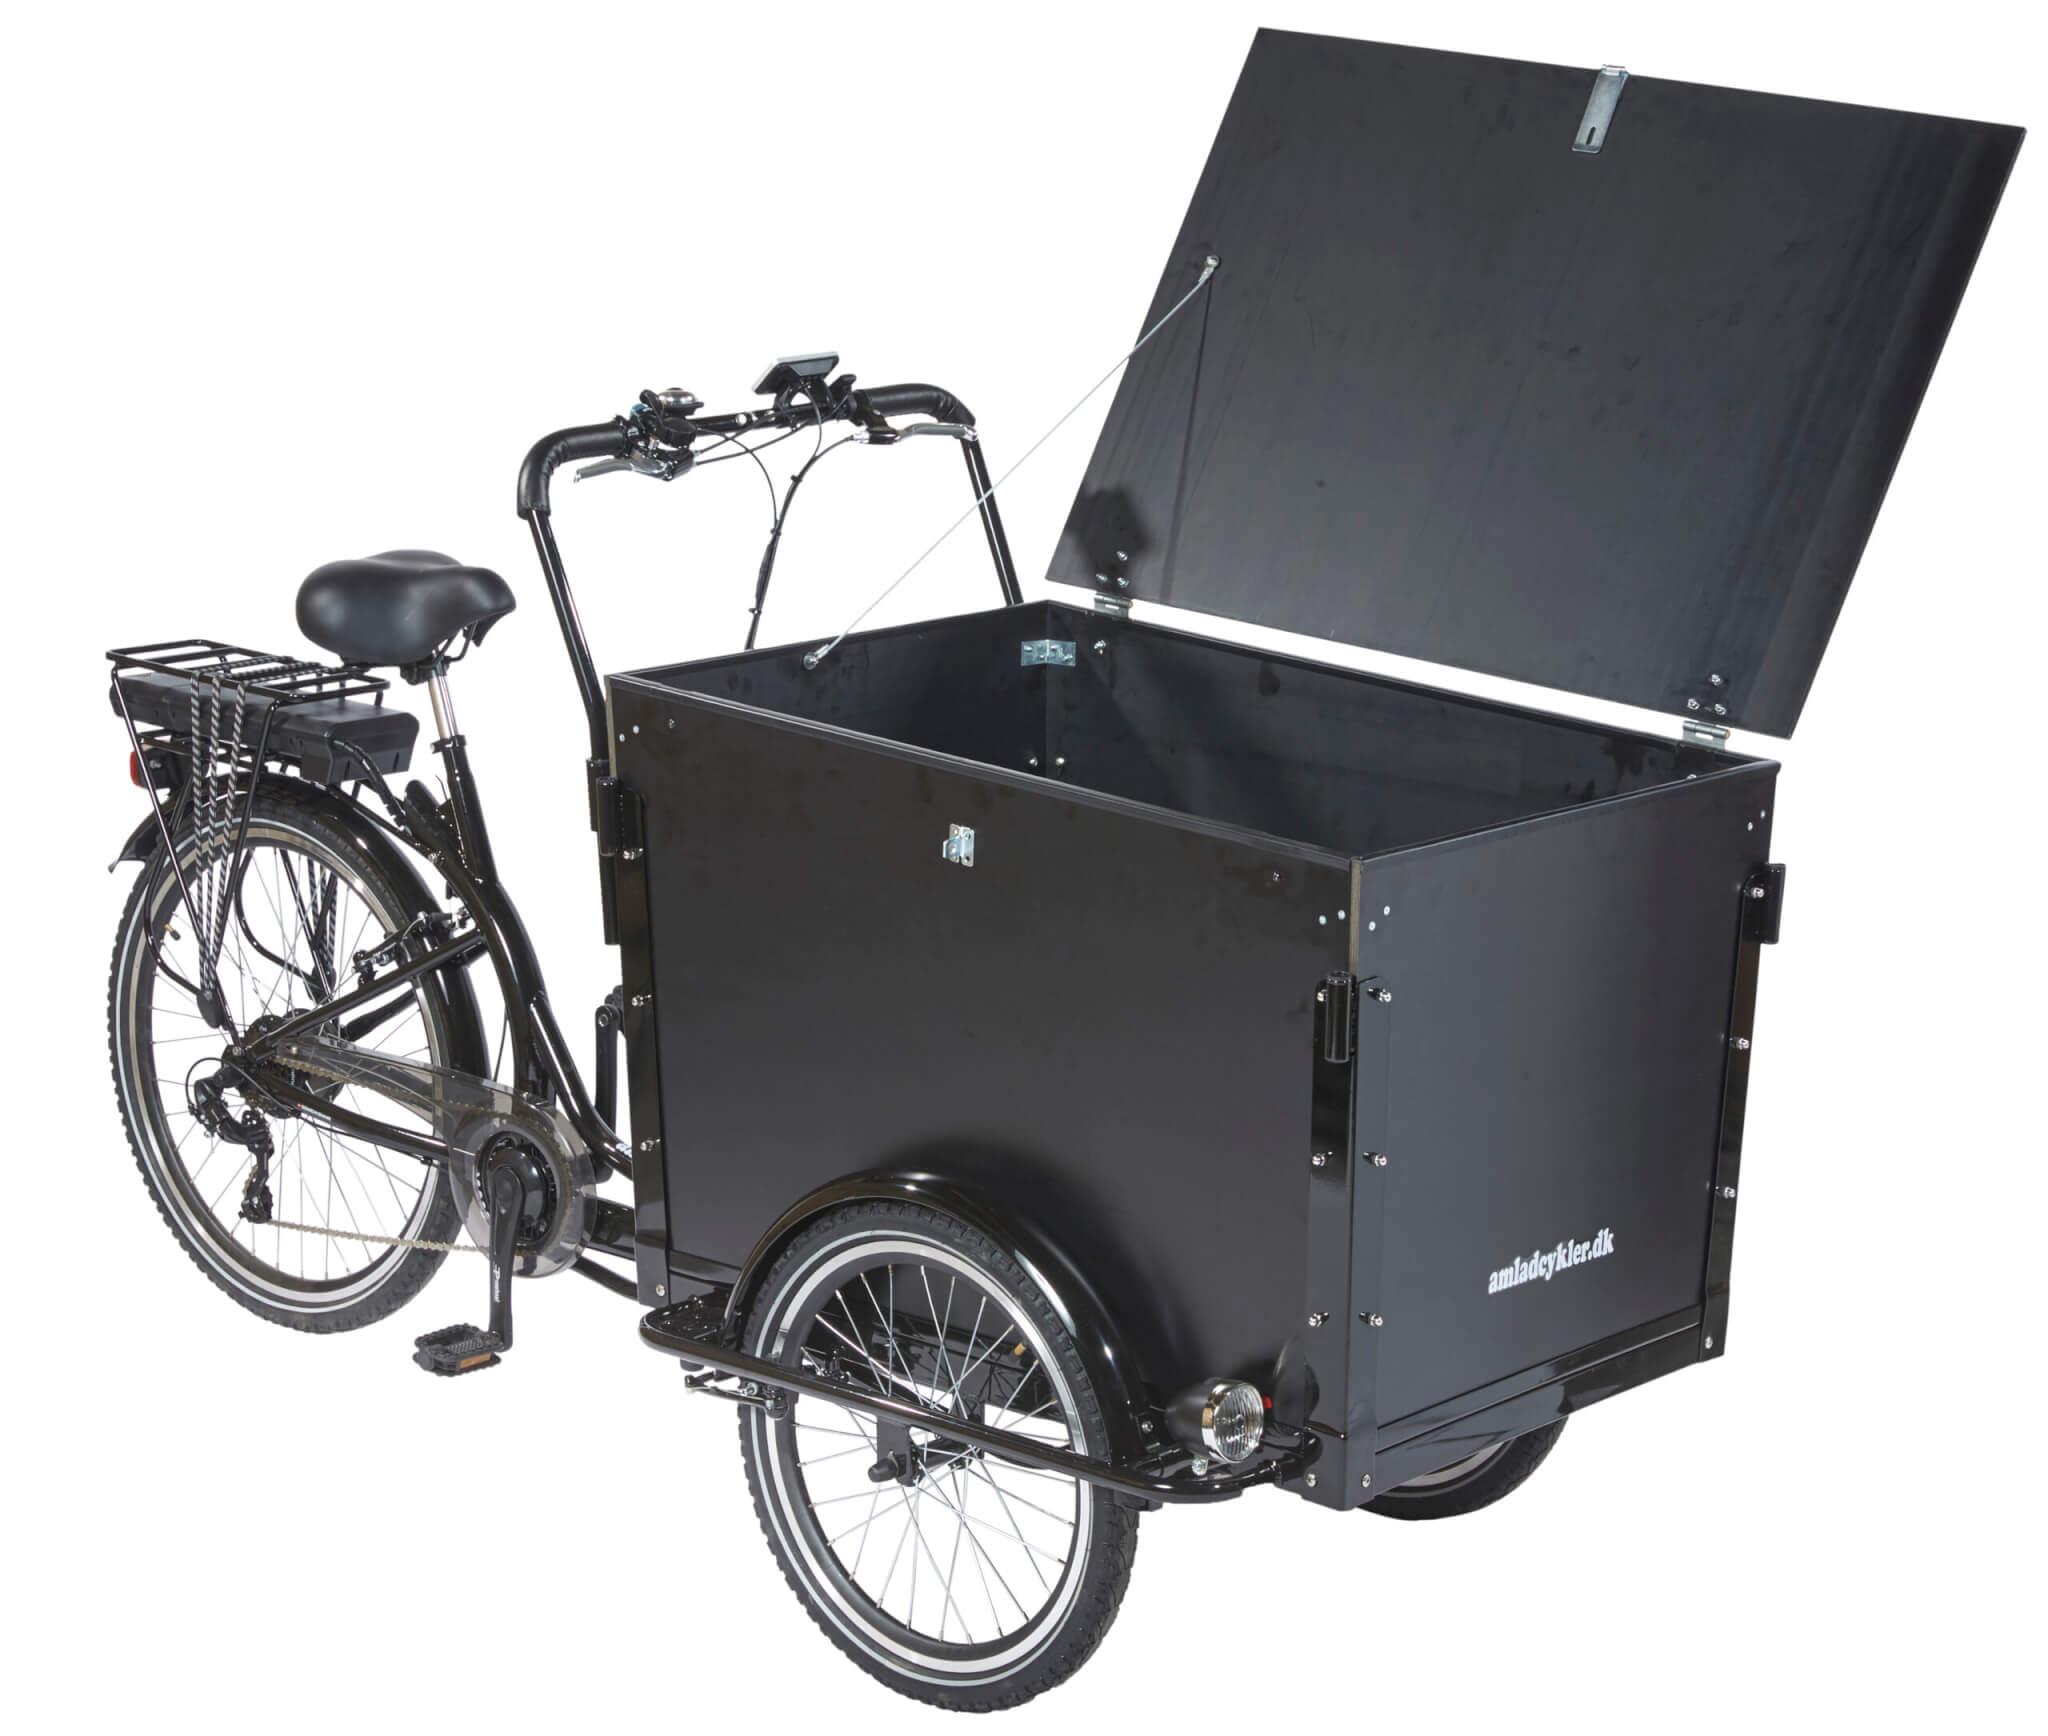 El Lådcykel - Workman - Amladcyklar